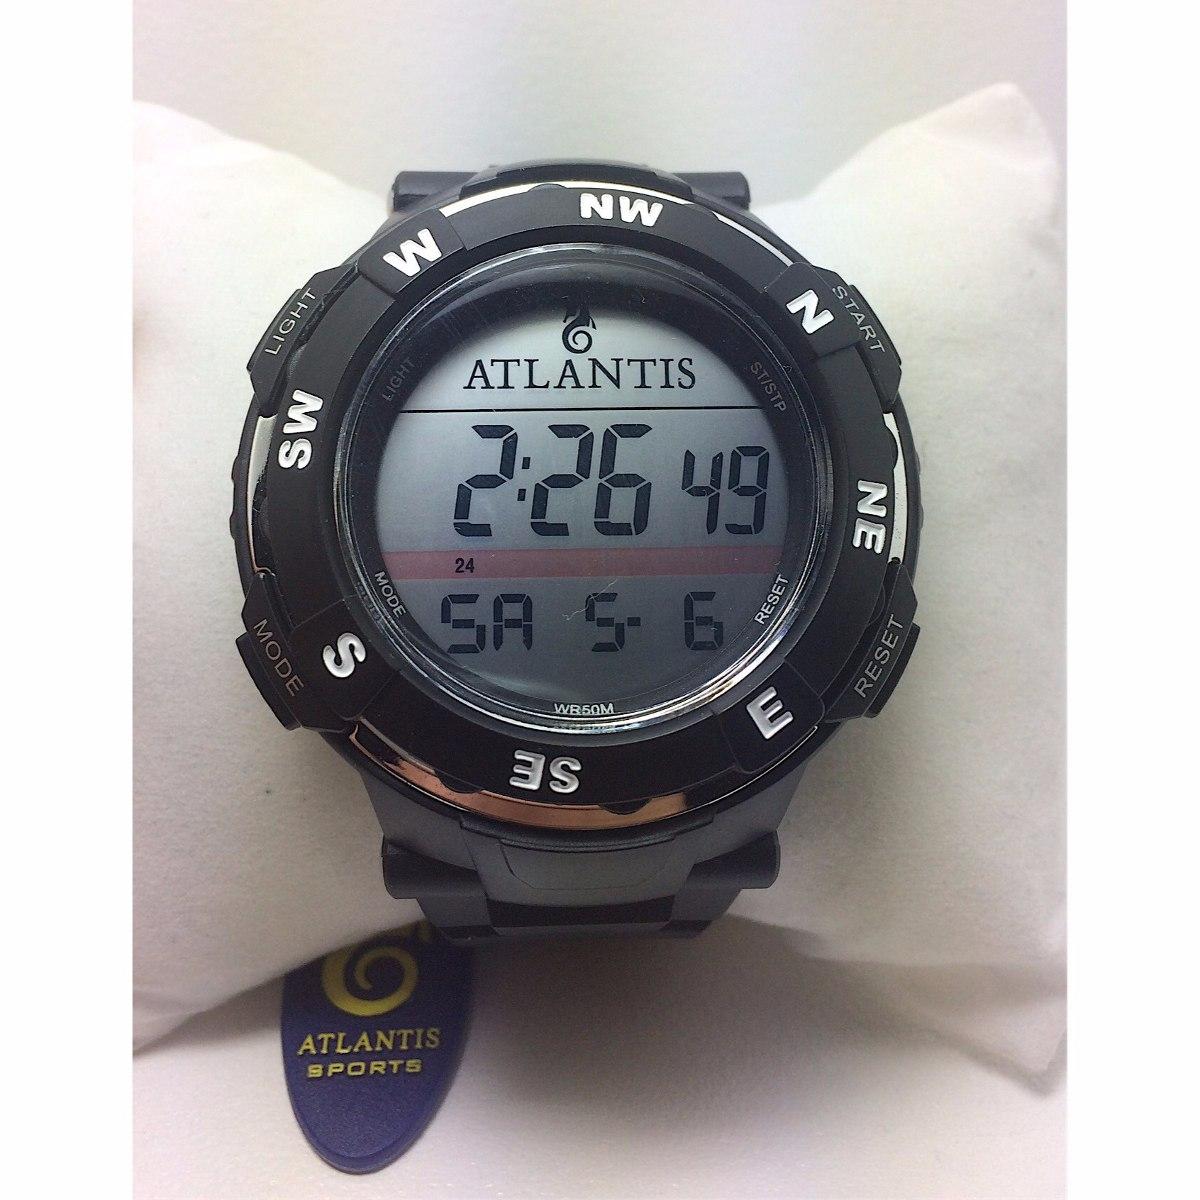 beb0f8a7eb9 Relogio Atlantis Barato Natação Esporte Prova D agua G5494